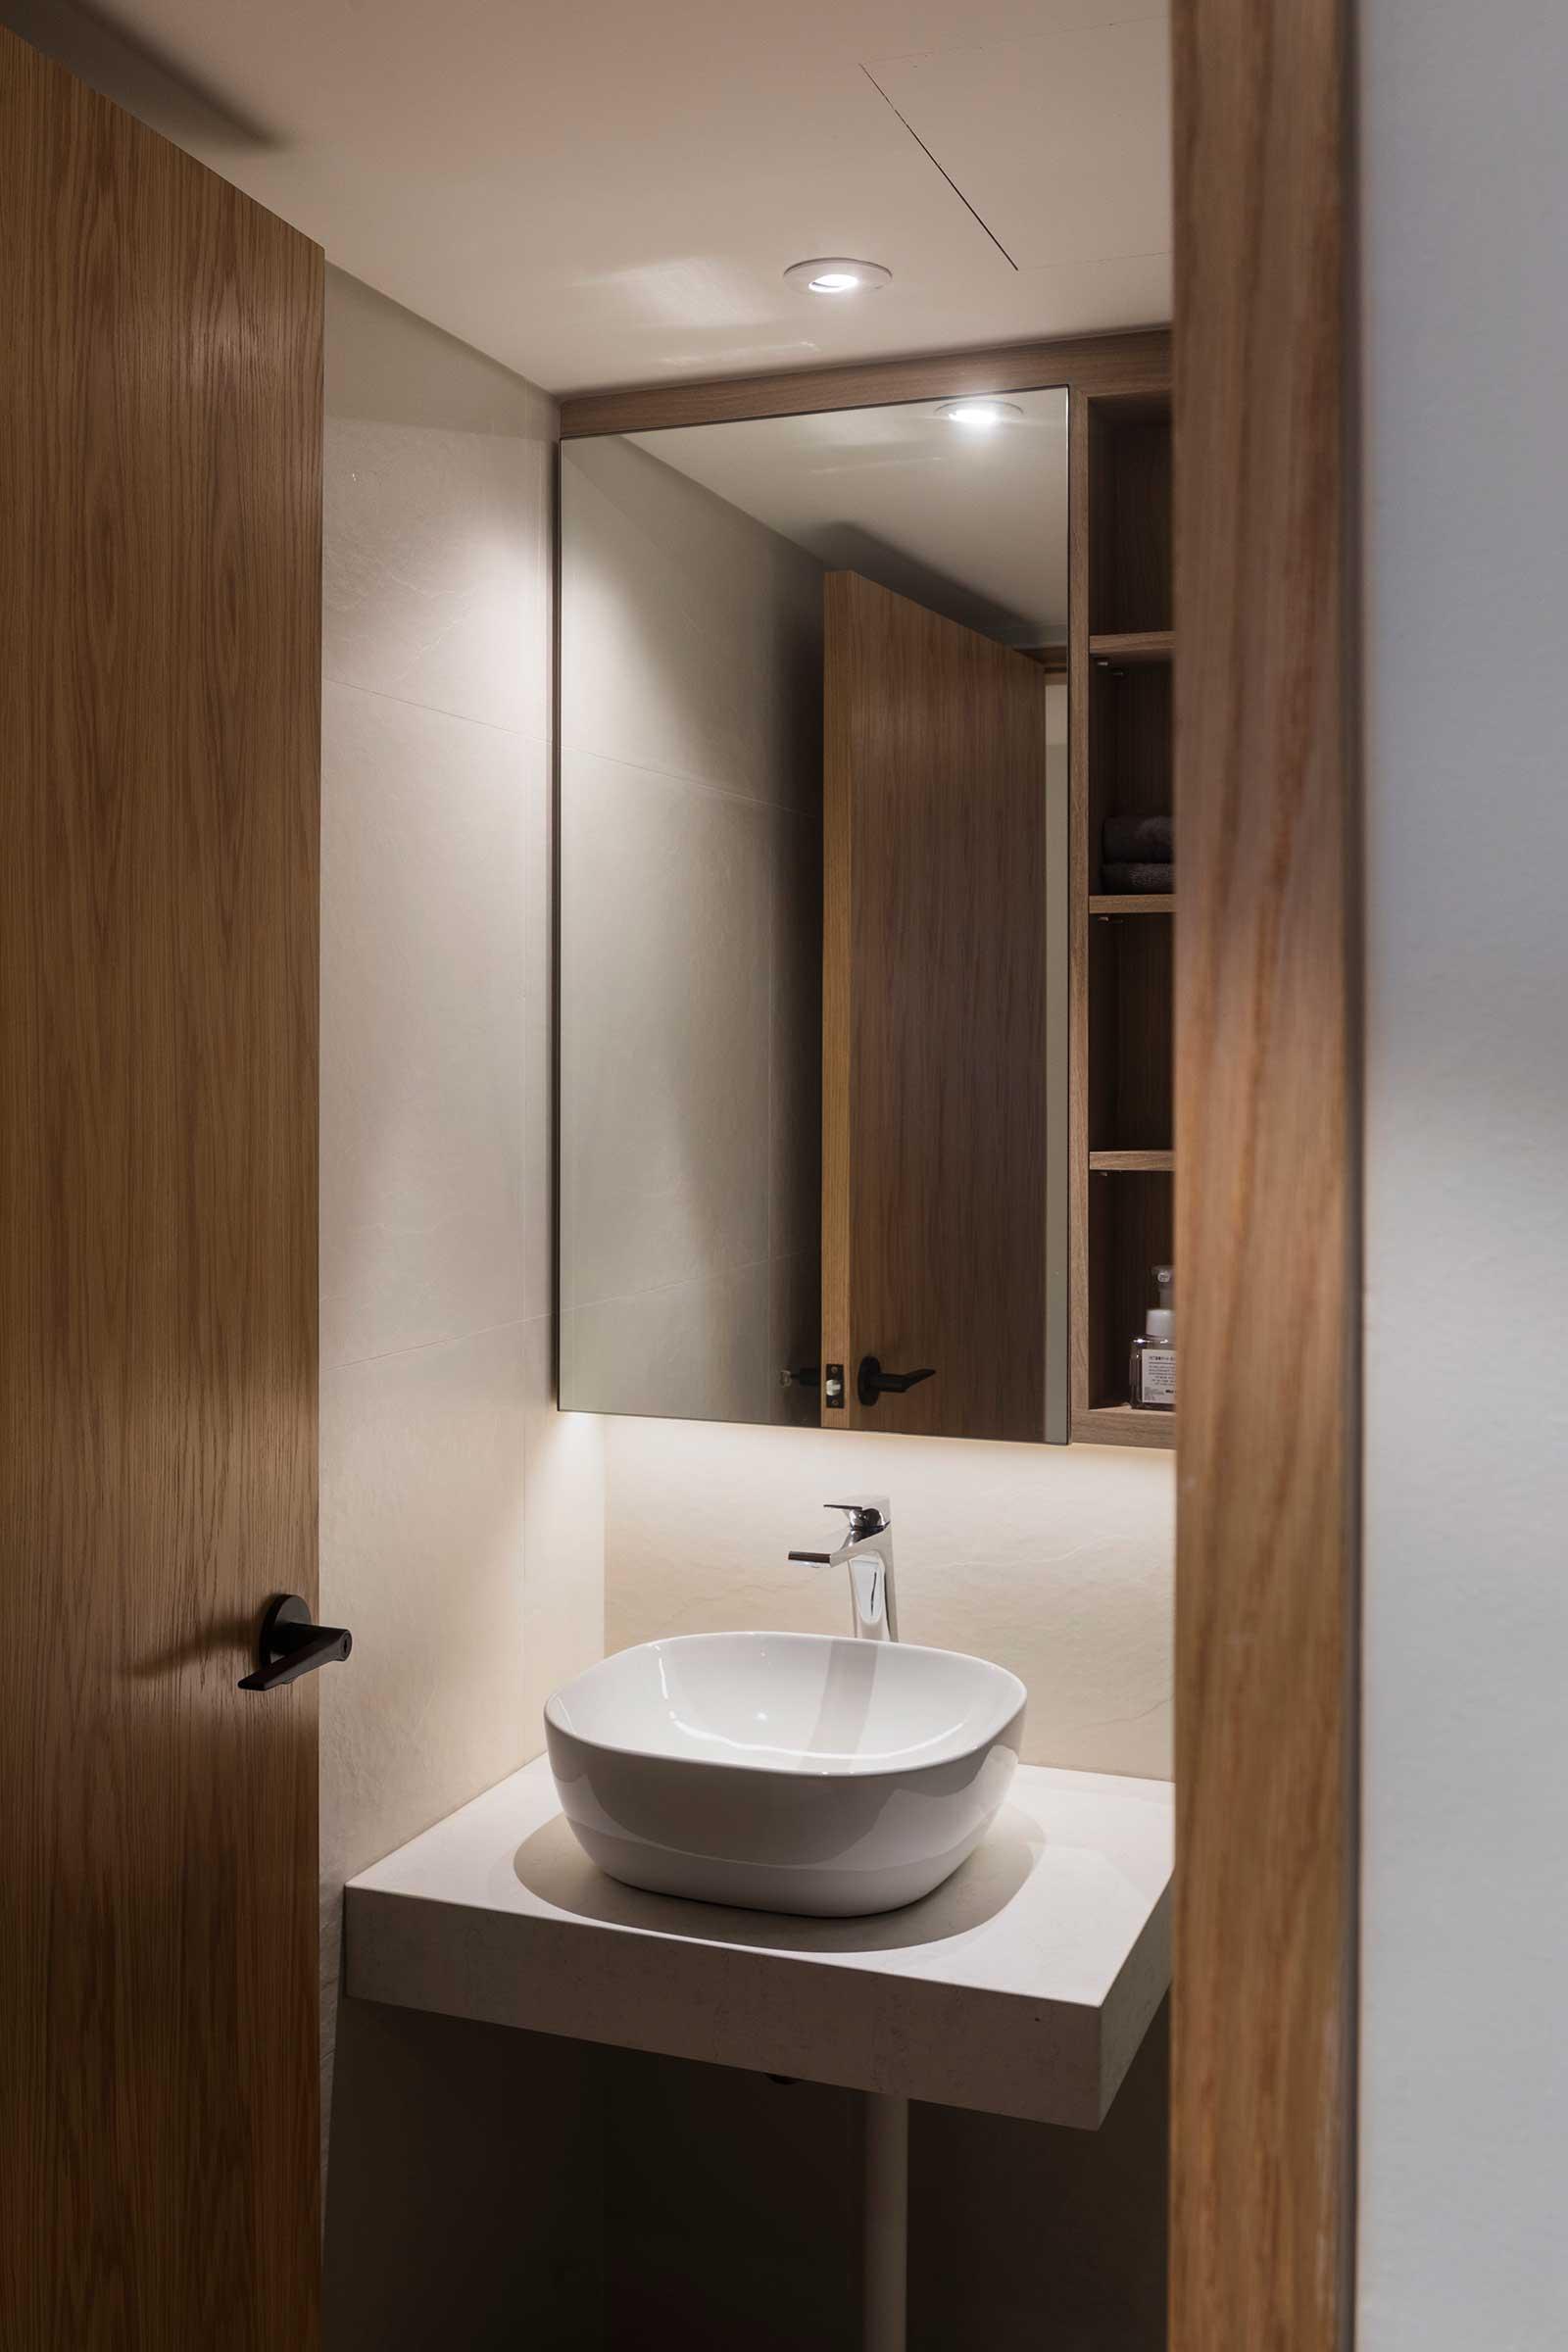 Bukit-Batok-West-Ave-6_Goy-Architects_02.jpg